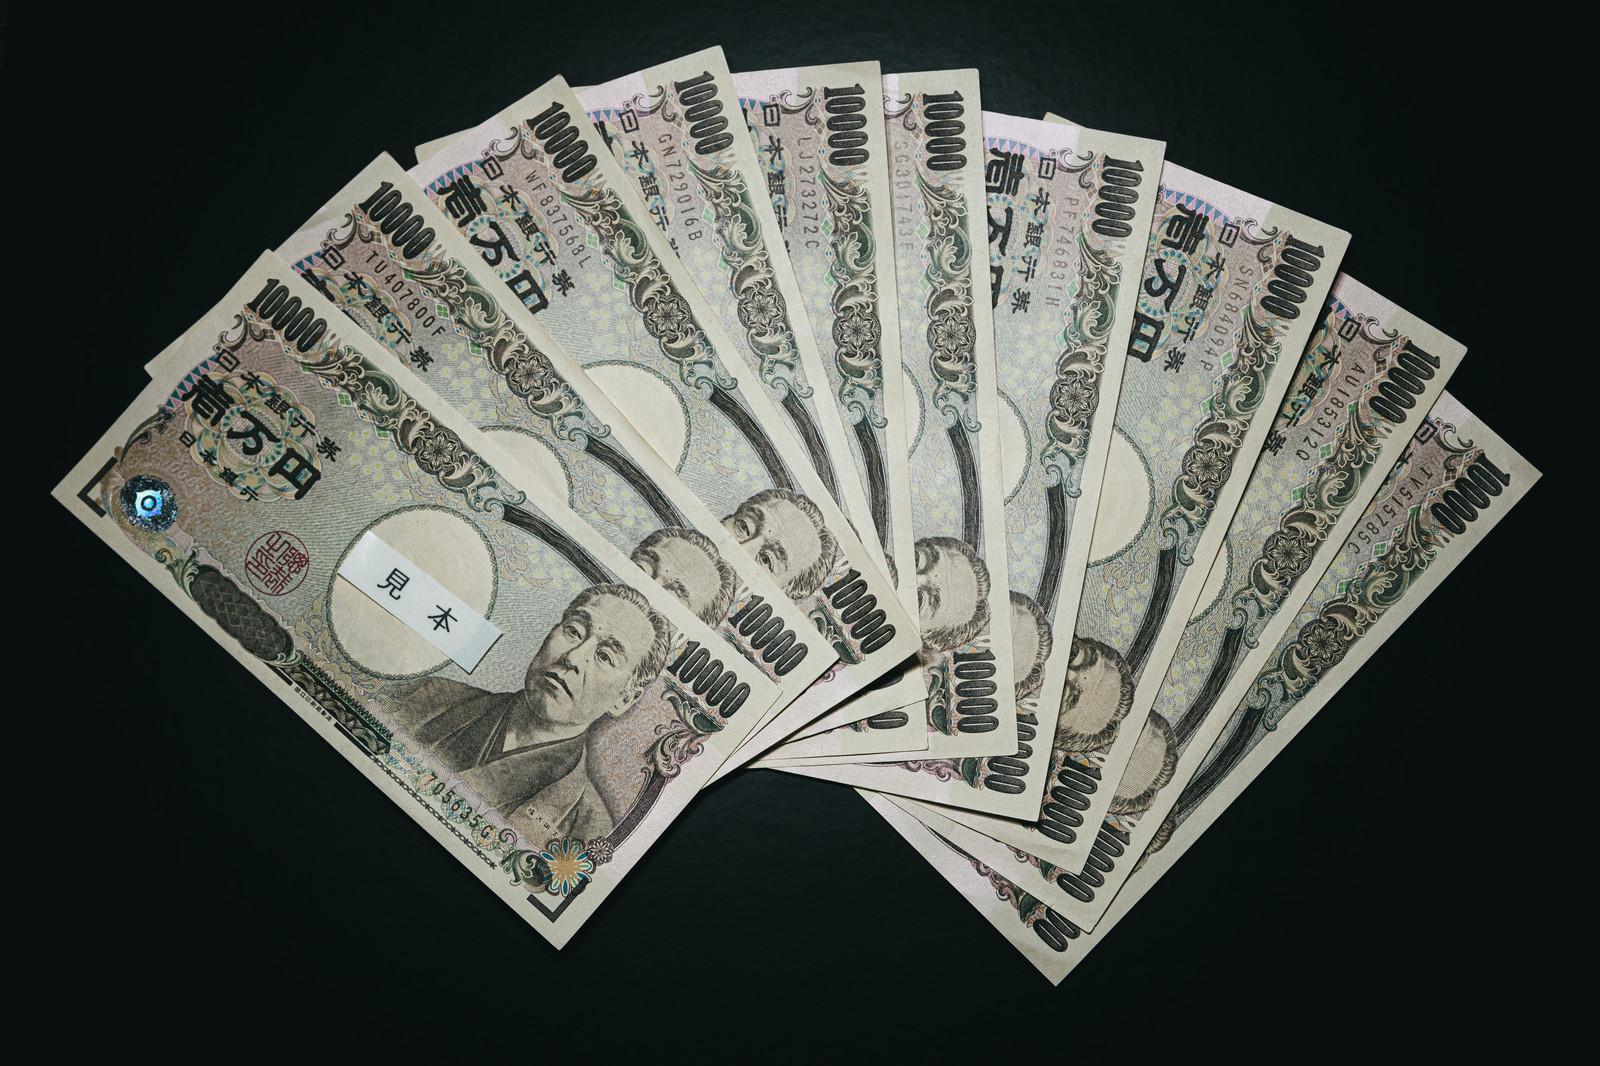 【看北海道東川町地方創生政策】北海道東川町擴大獎學金 每月給付4萬日圓